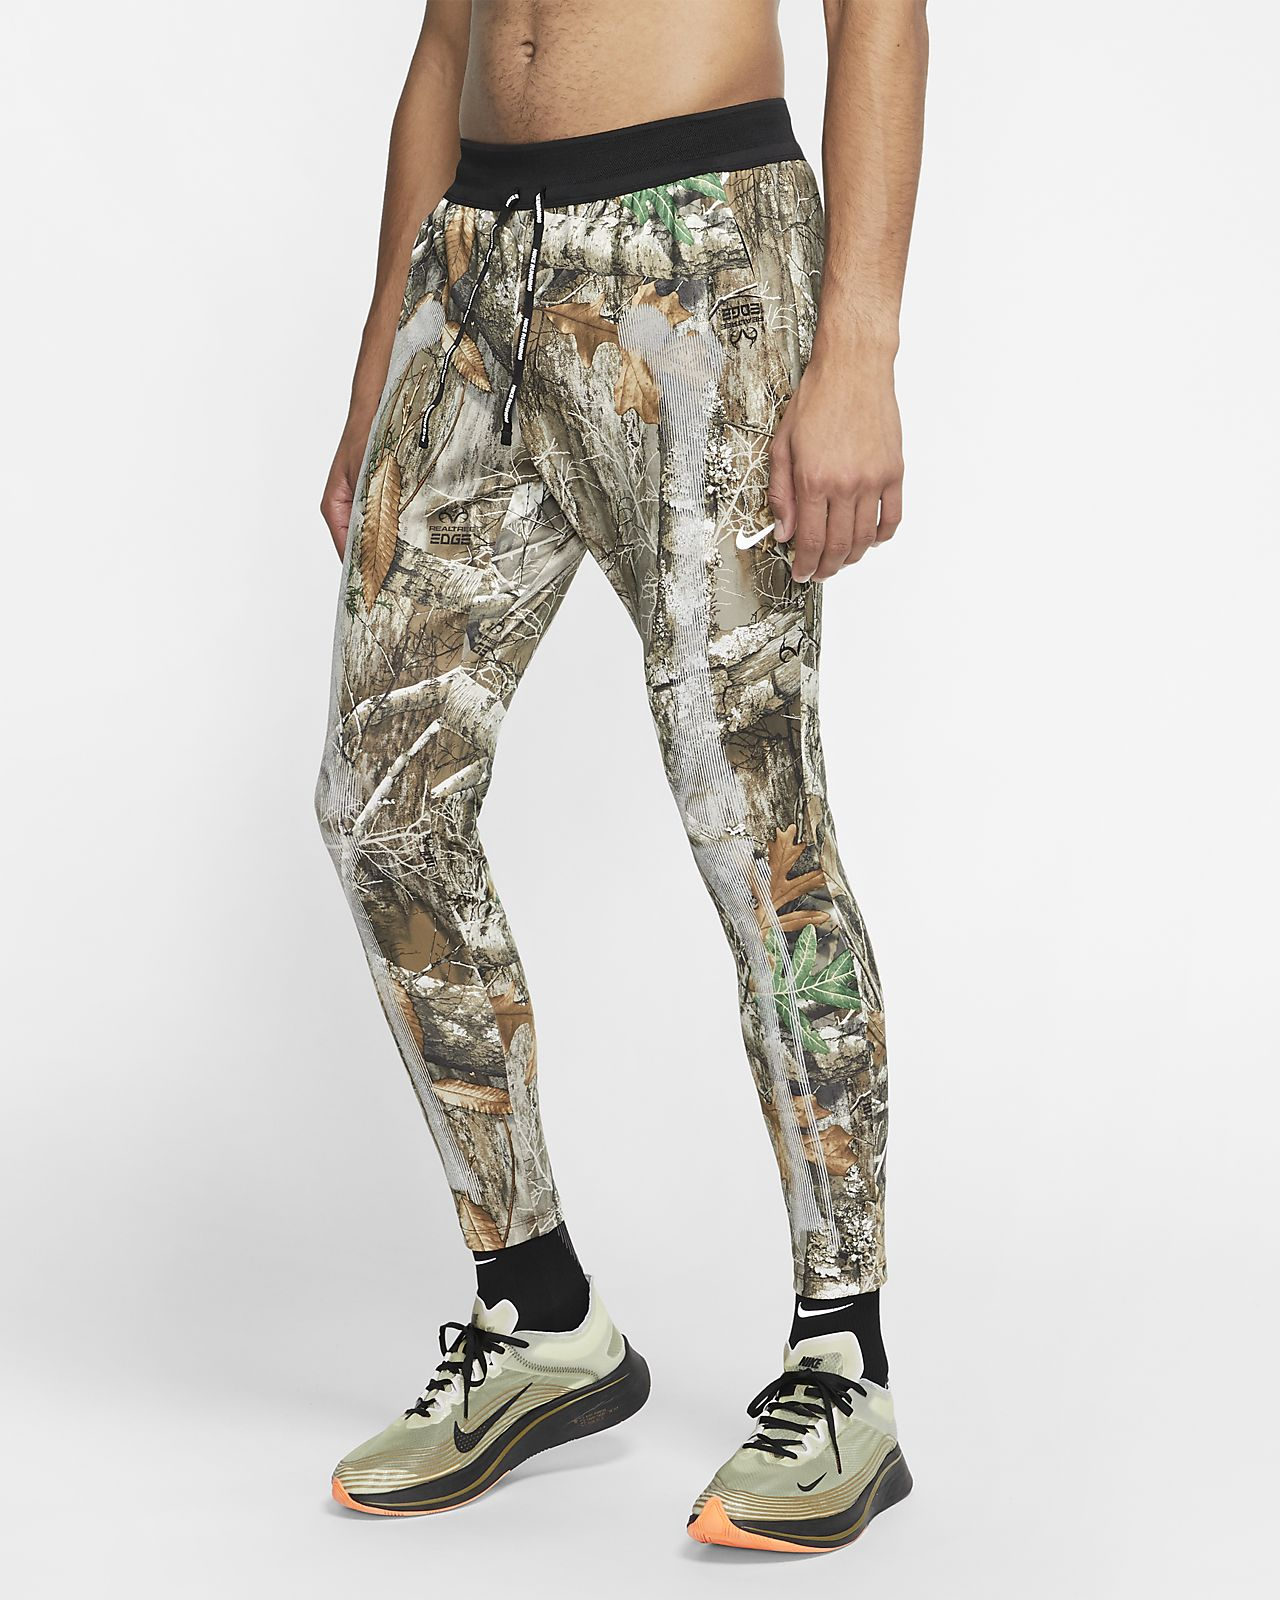 Pantaloni Nike Skeleton - Uomo